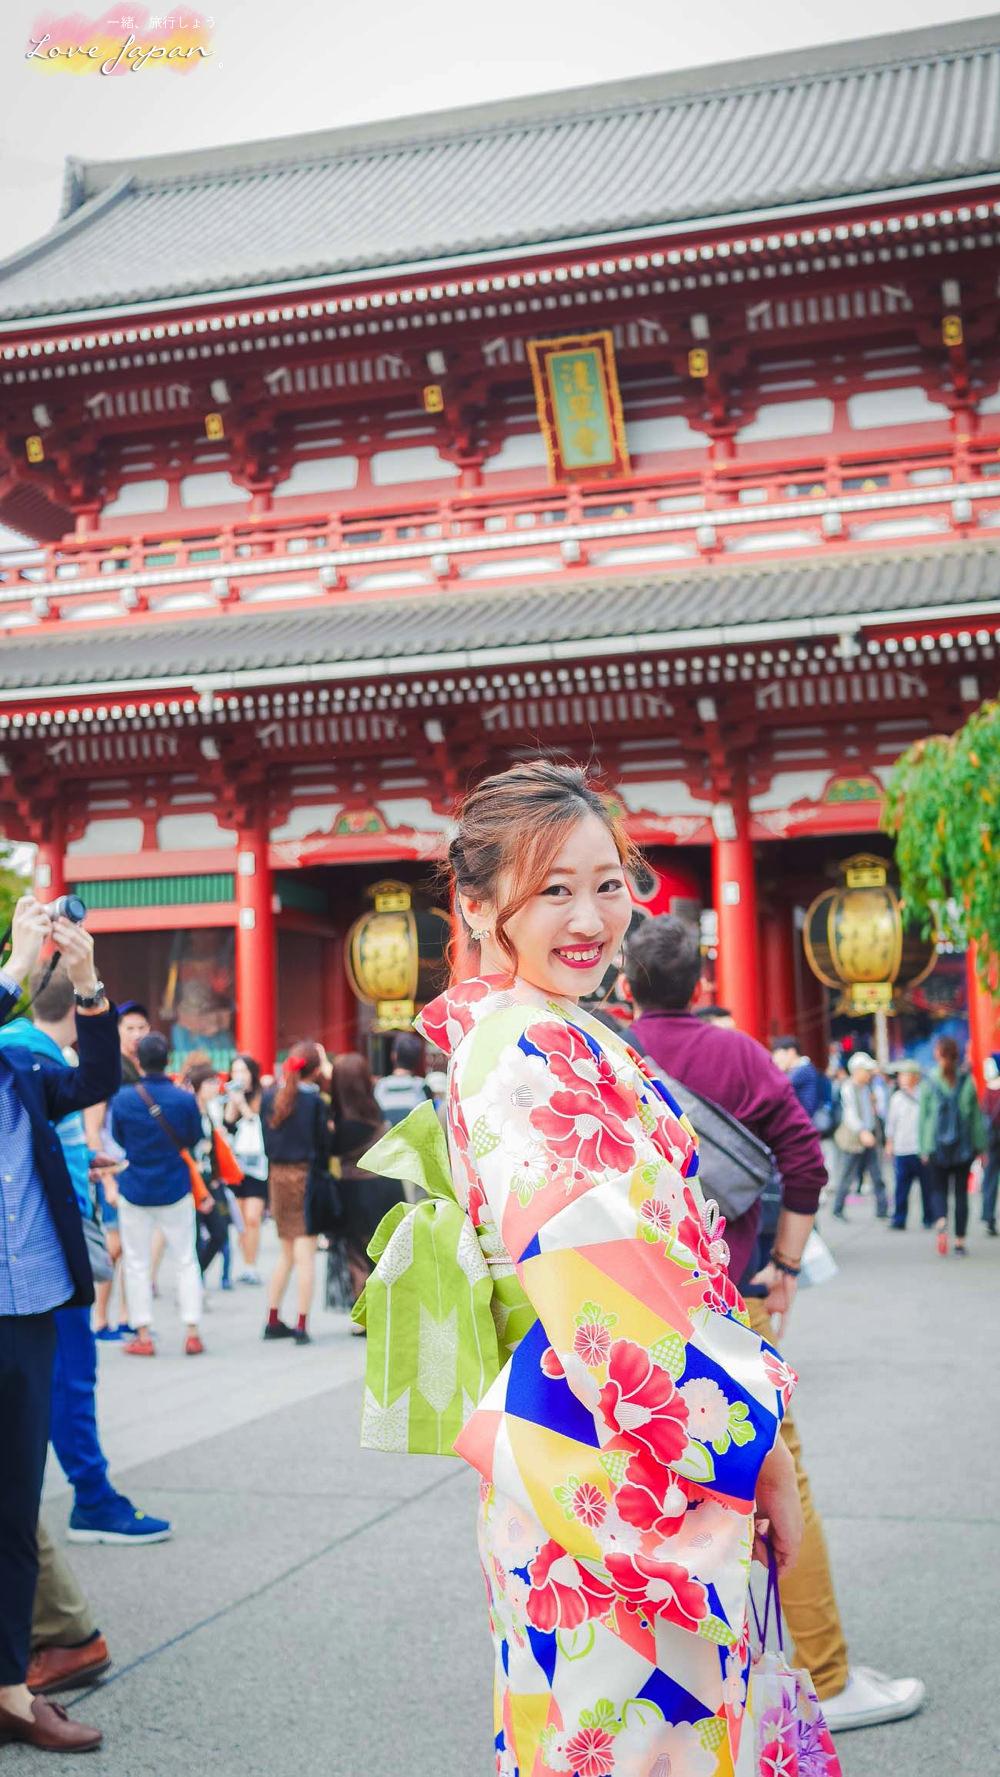 東京自由行,東京好玩,東京景點,東京淺草寺,東京穿和服,東京和服推薦,淺草愛和服,東京飯店推薦,雷門和服,淺草和服